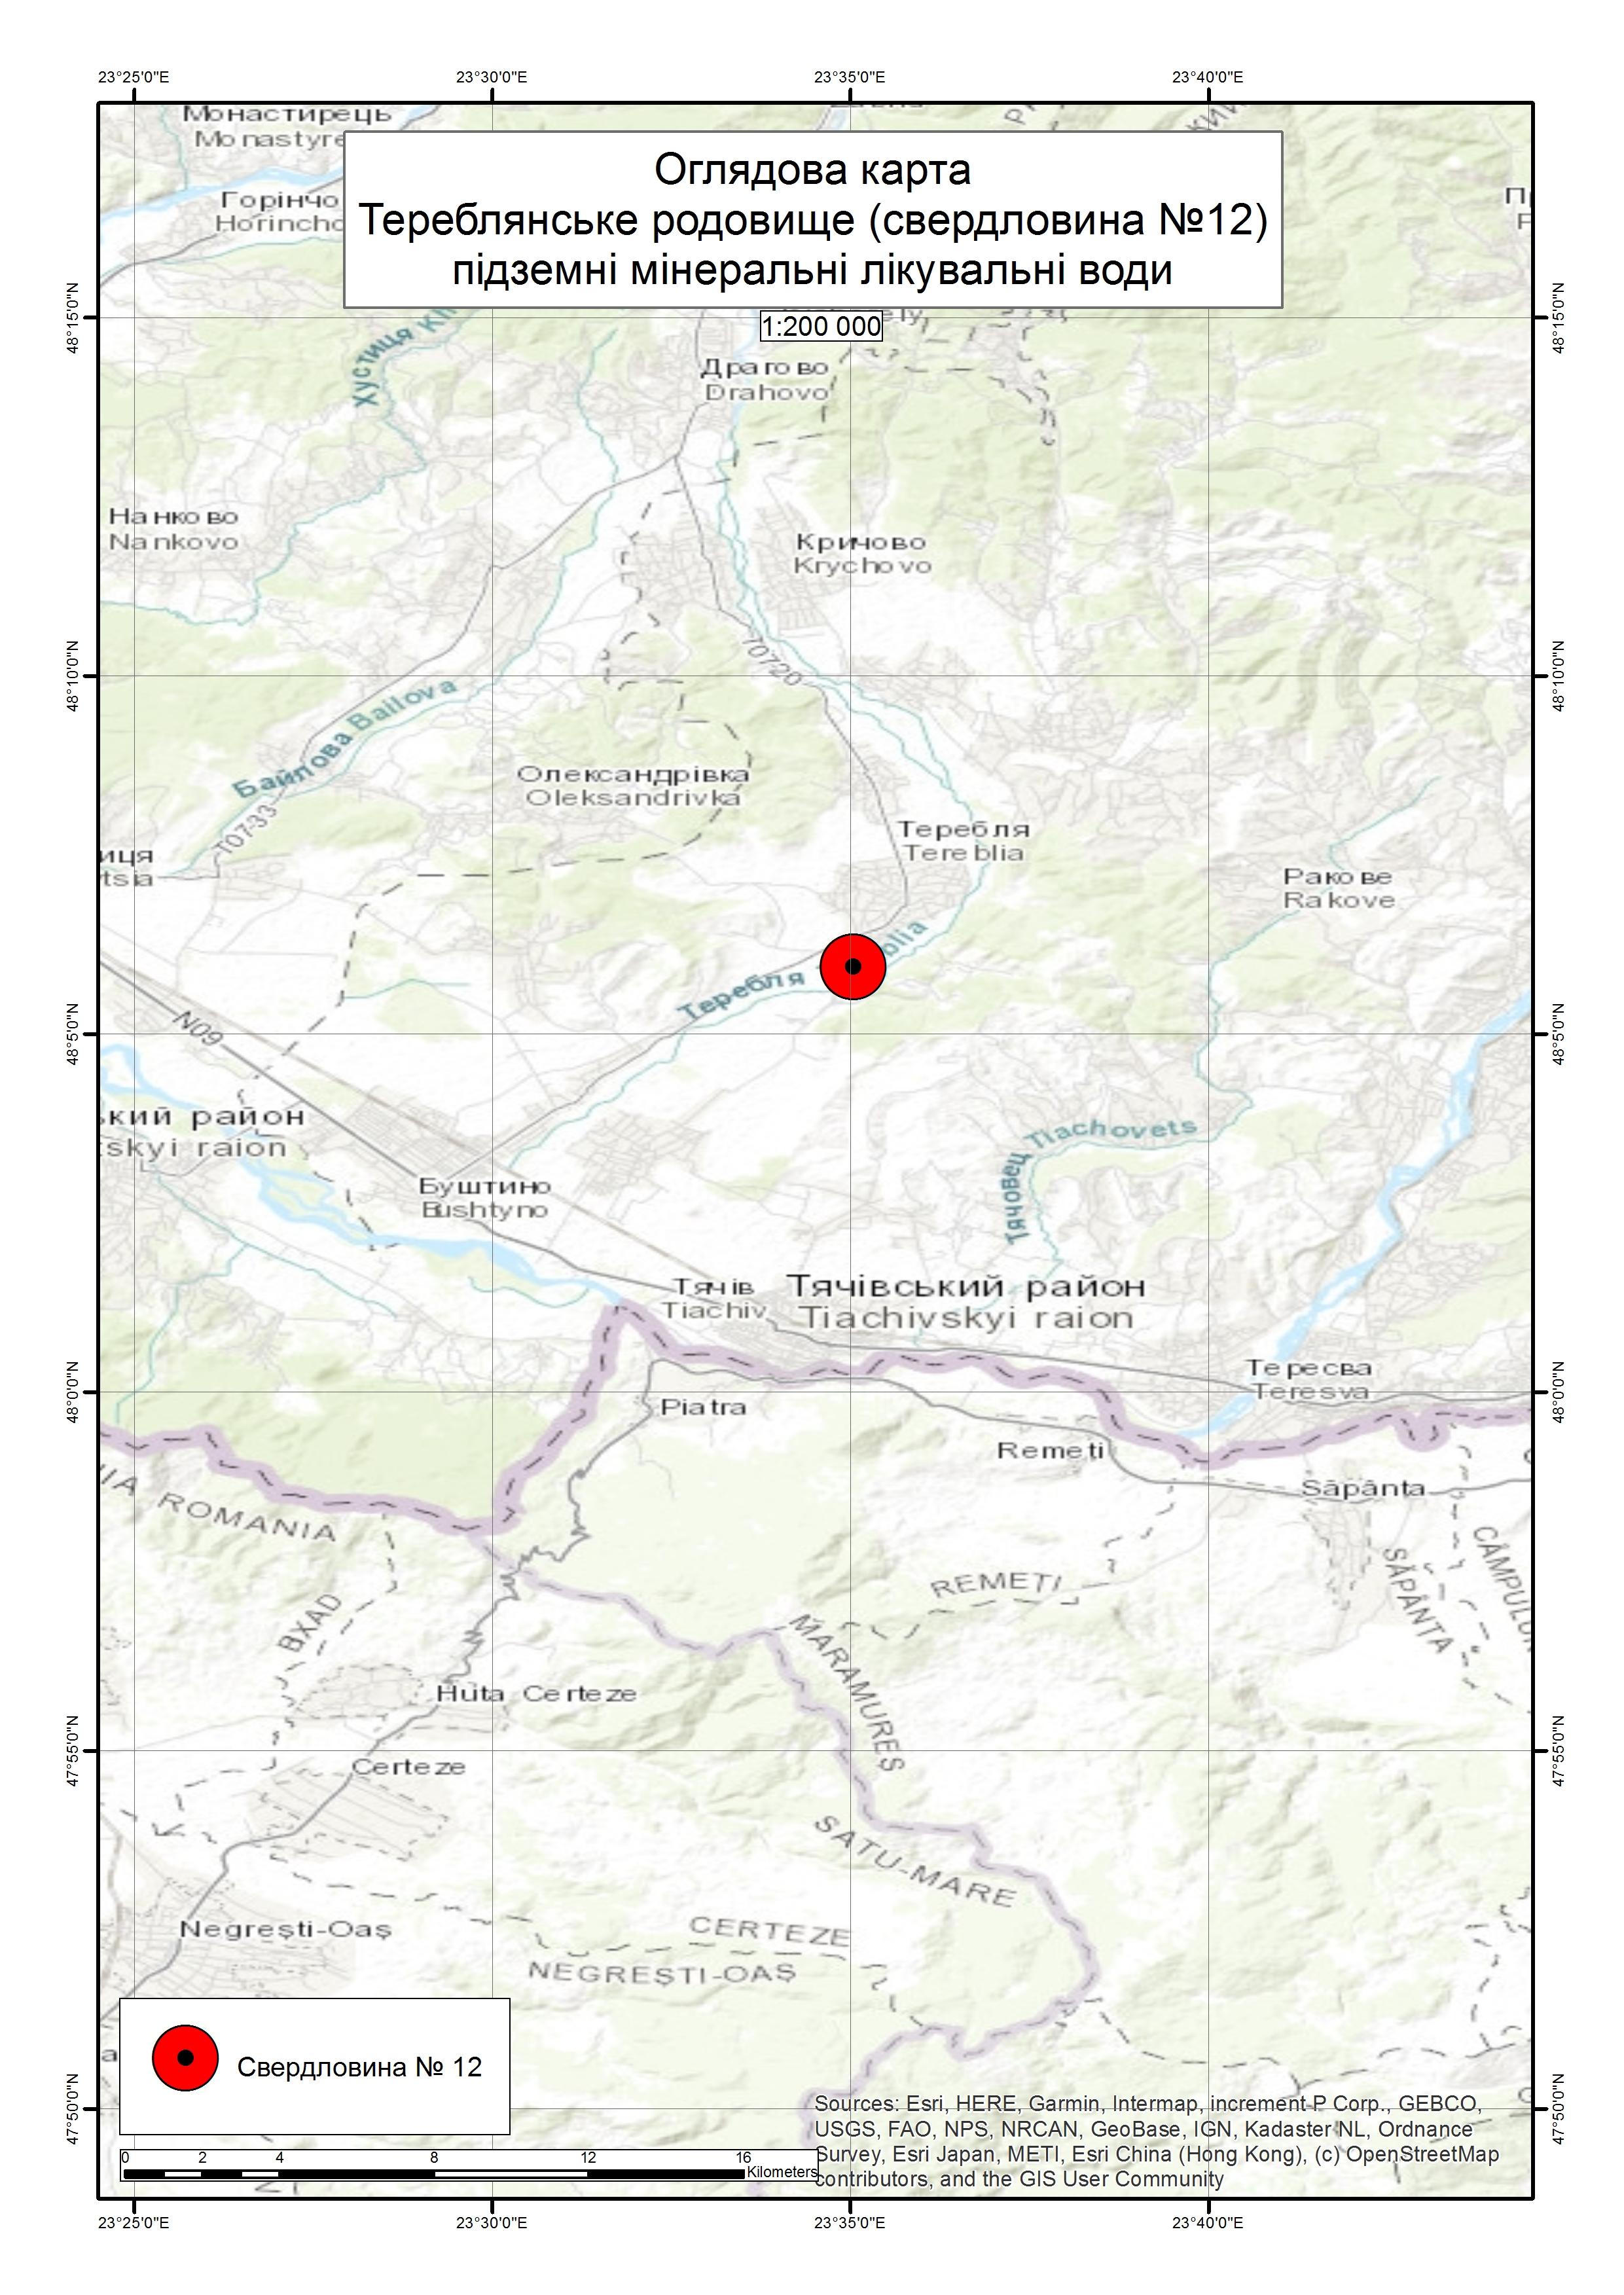 Спеціальний дозвіл на користування надрами – Тереблянське родовище (свердловина №12). Вартість геологічної інформації – 95 465,55 грн (з ПДВ). Вартість пакету аукціонної документації – 4 709,36 грн (з ПДВ).